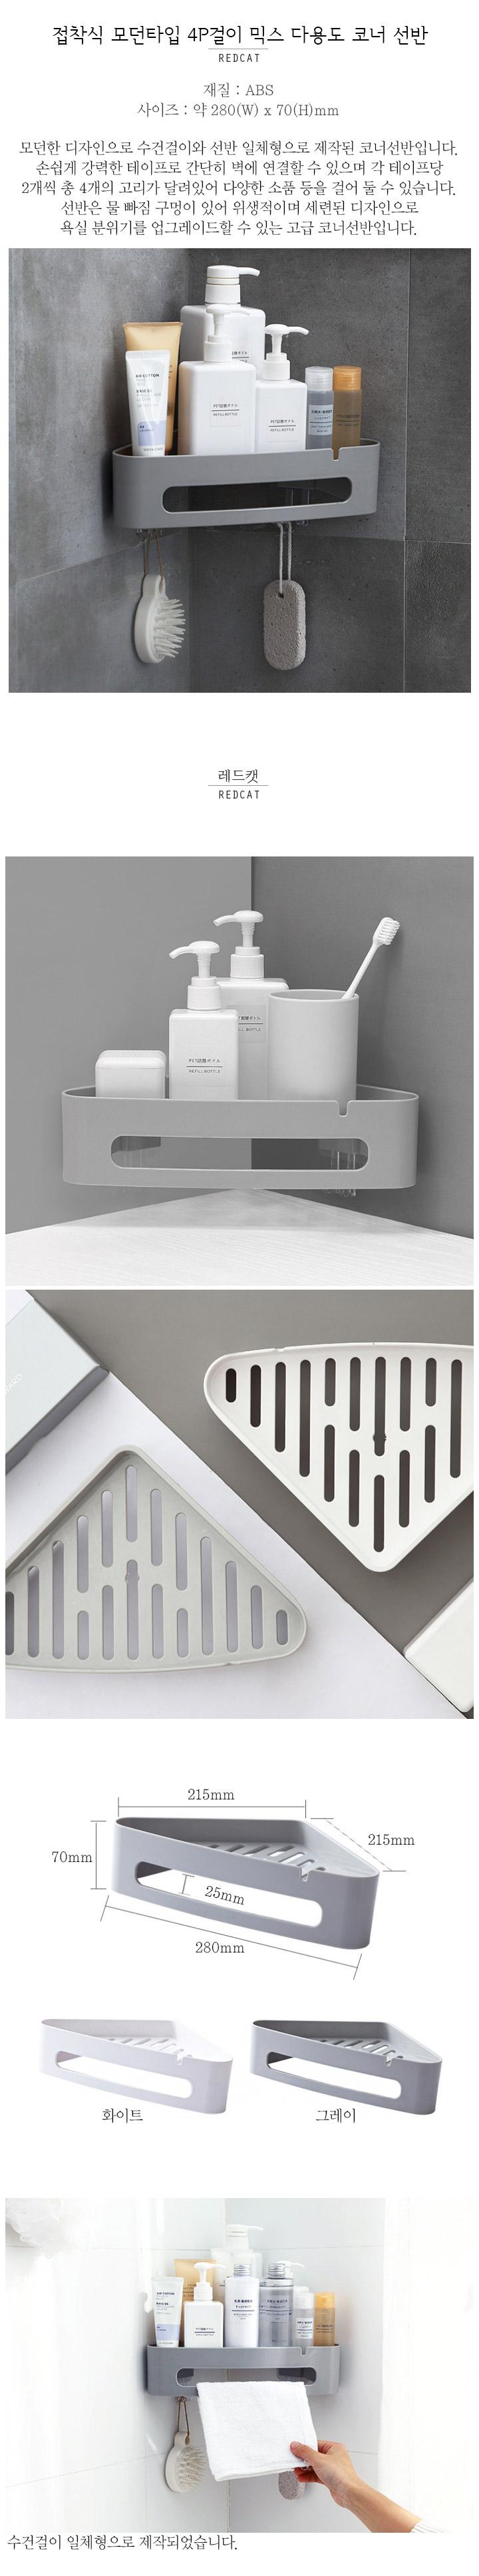 접착식 모던타입 4P걸이 믹스 다용도 코너 선반6,560원-네코리빙리빙/가전, 욕실, 정리용품/청소, 욕실선반/걸이바보사랑접착식 모던타입 4P걸이 믹스 다용도 코너 선반6,560원-네코리빙리빙/가전, 욕실, 정리용품/청소, 욕실선반/걸이바보사랑